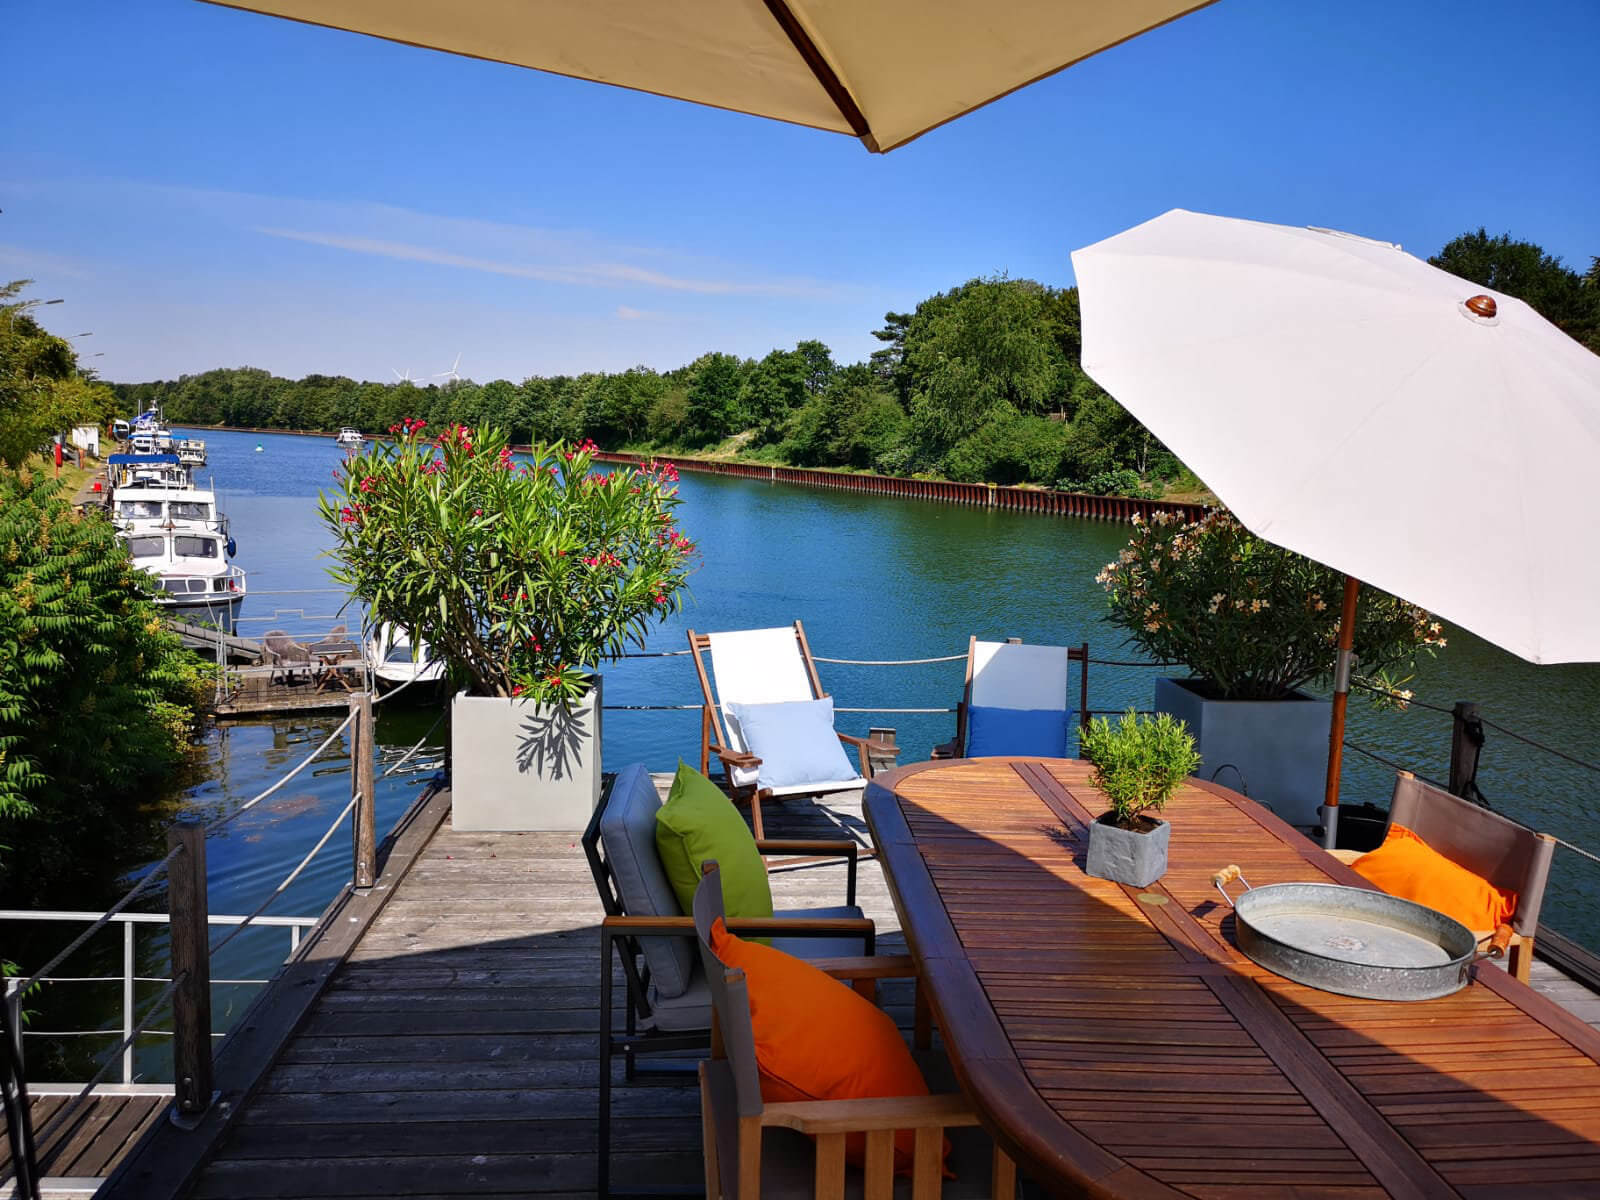 Blick vom Hausboot - Leben auf dem Wasser